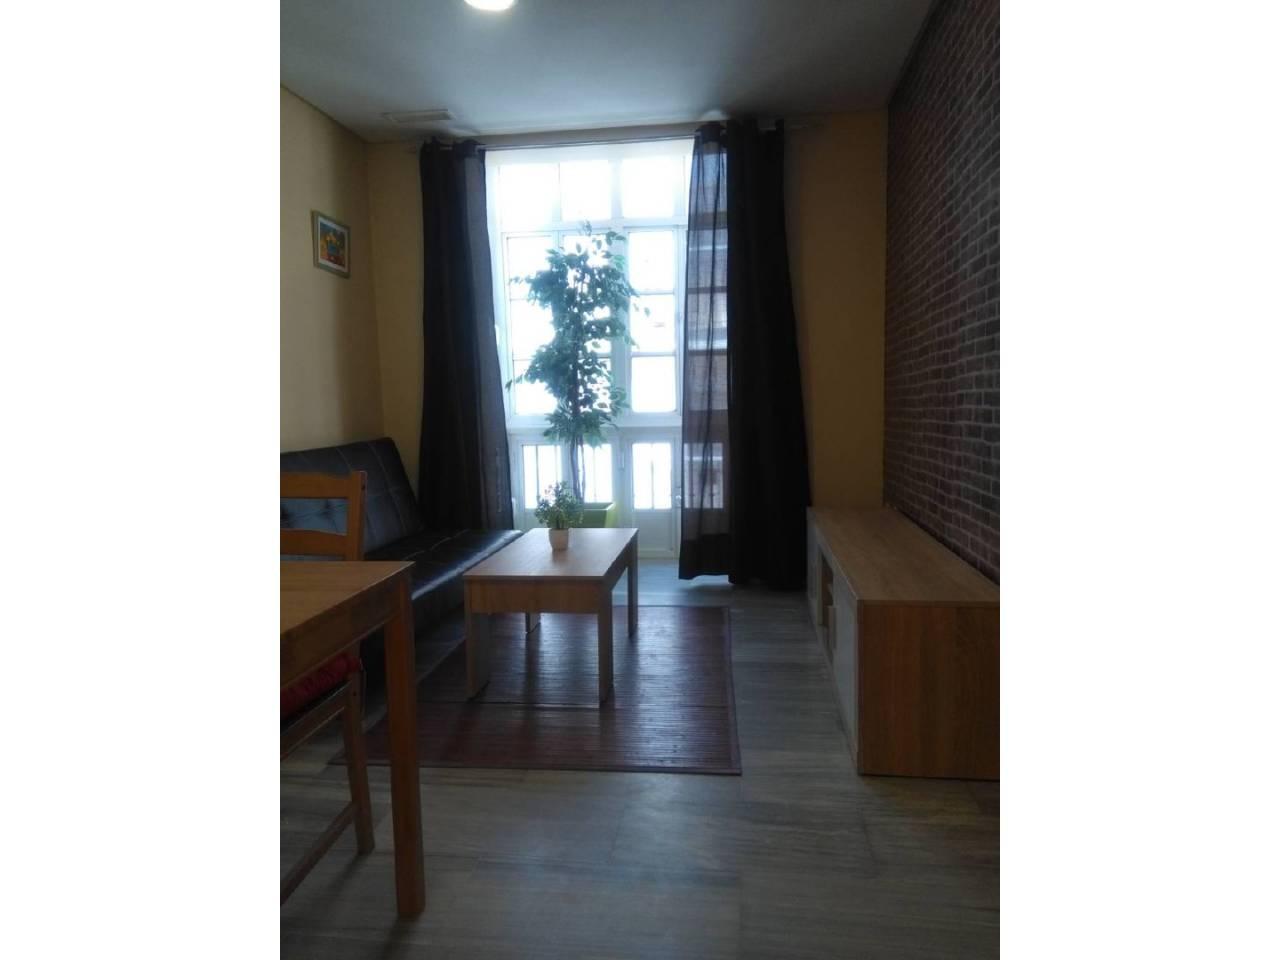 Piso en alquiler con 60 m2, 1 dormitorios  en Chiclana de la Frontera